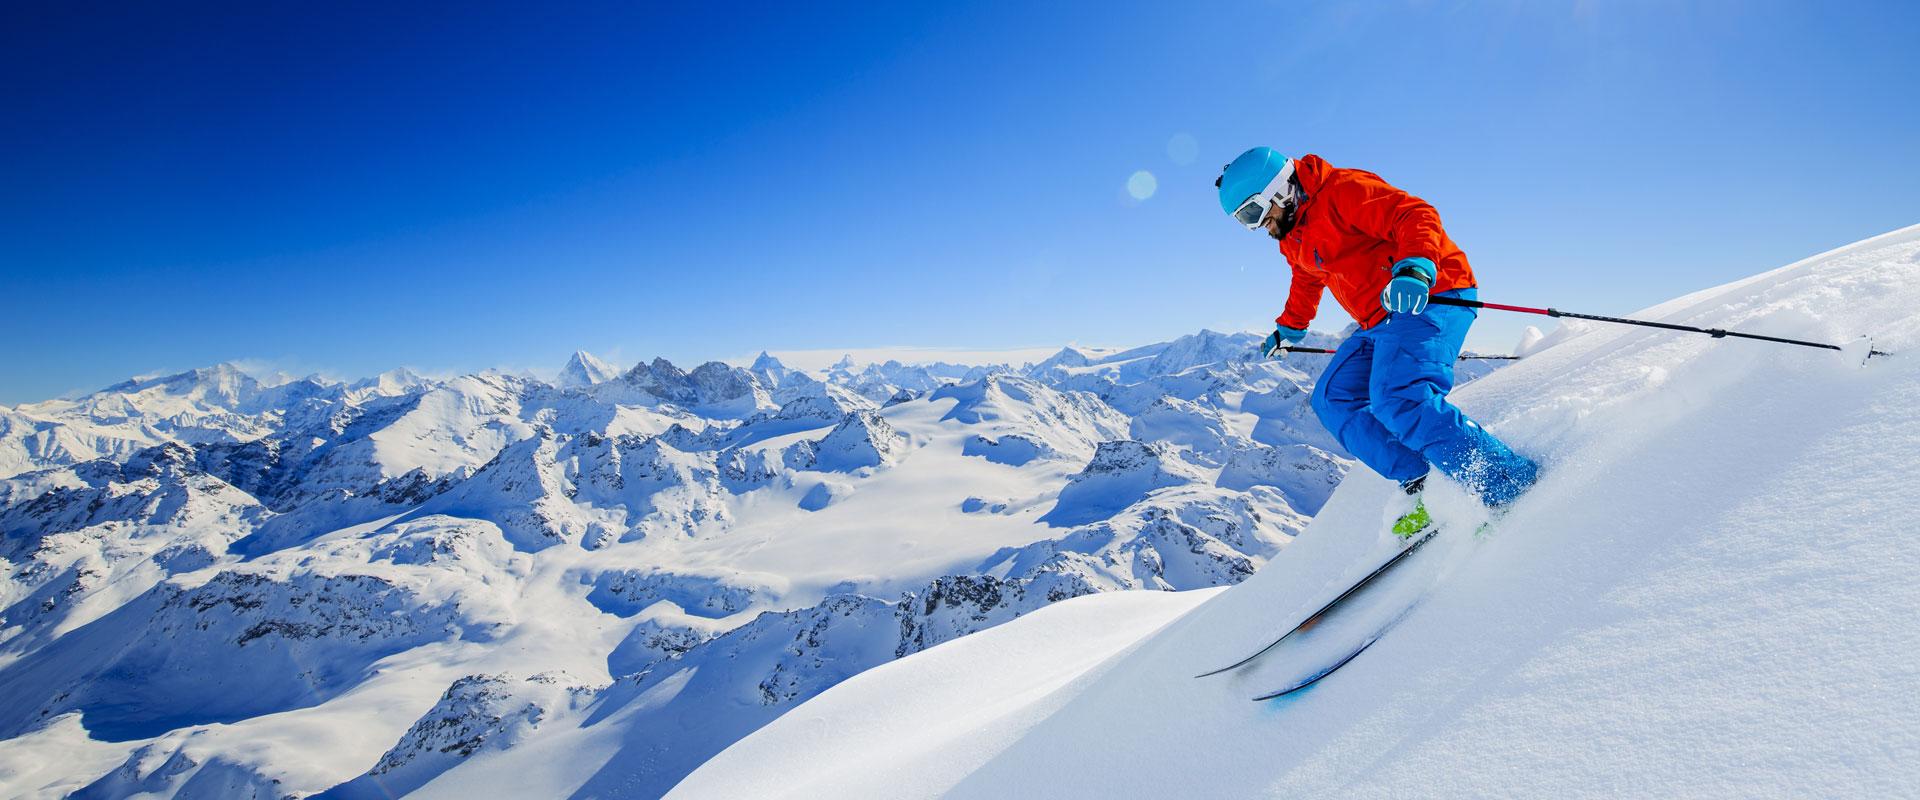 Skihotels und skiurlaub in sterreich for Designhotel skifahren